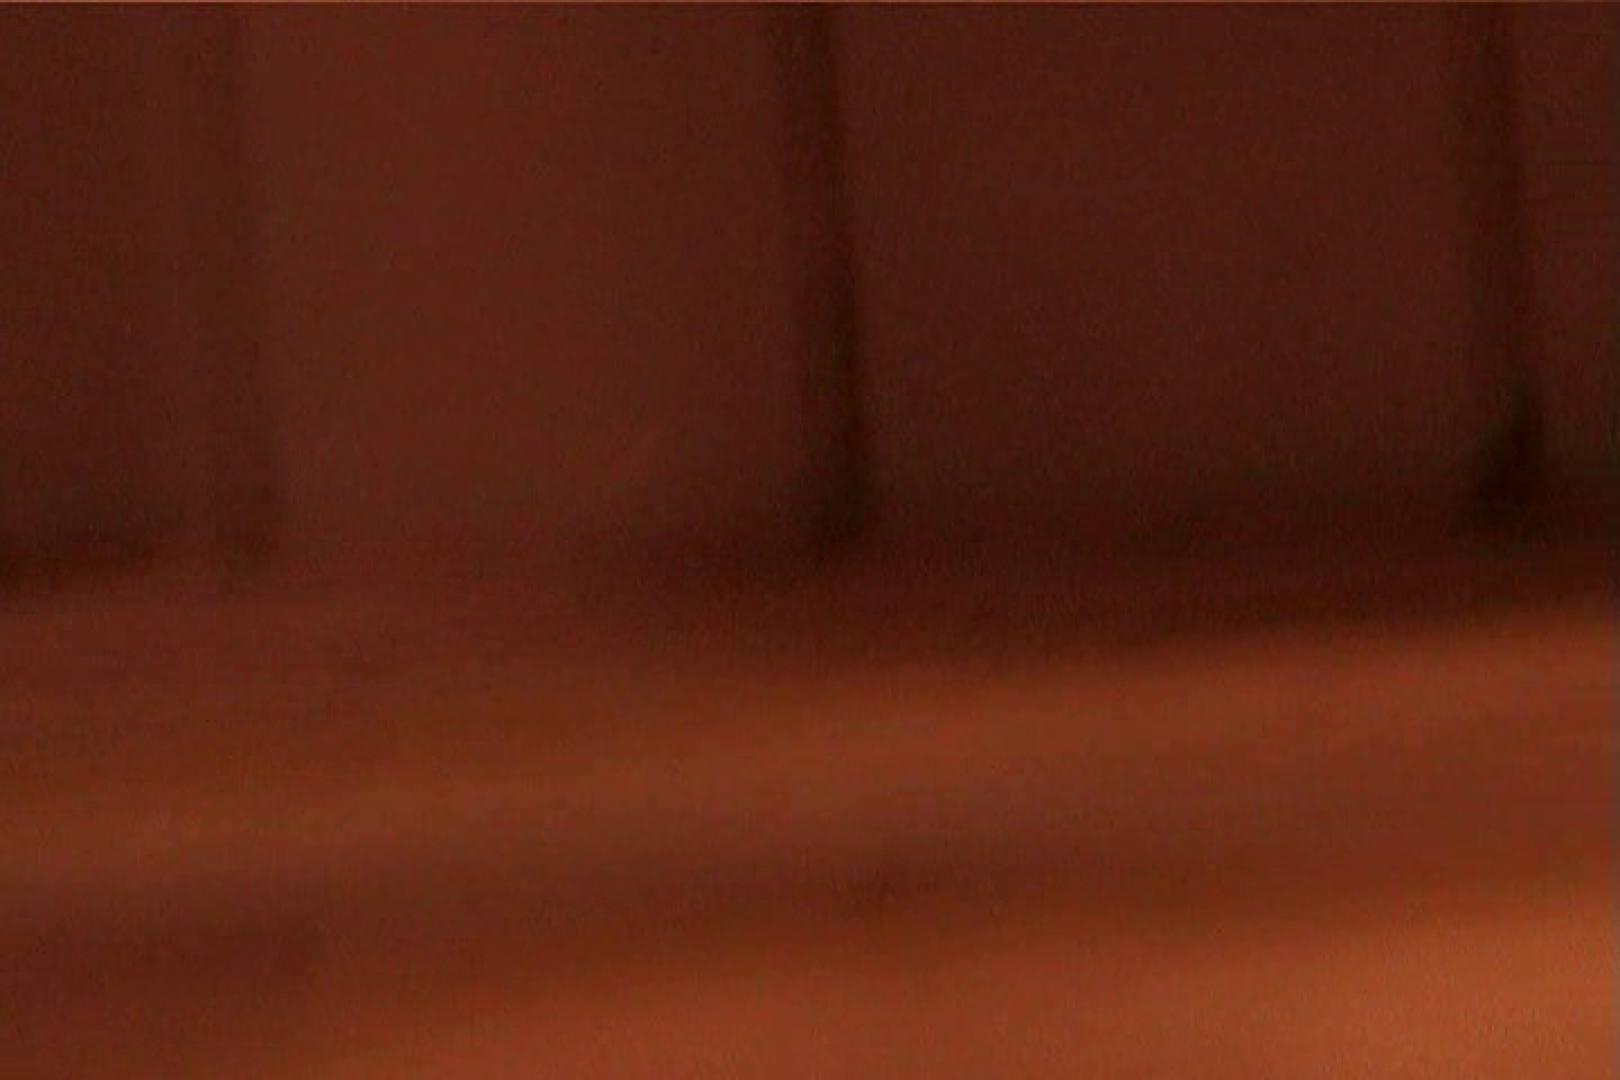 マンコ丸見え女子洗面所Vol.43 マンコ・ムレムレ | 美しいOLの裸体  77pic 9